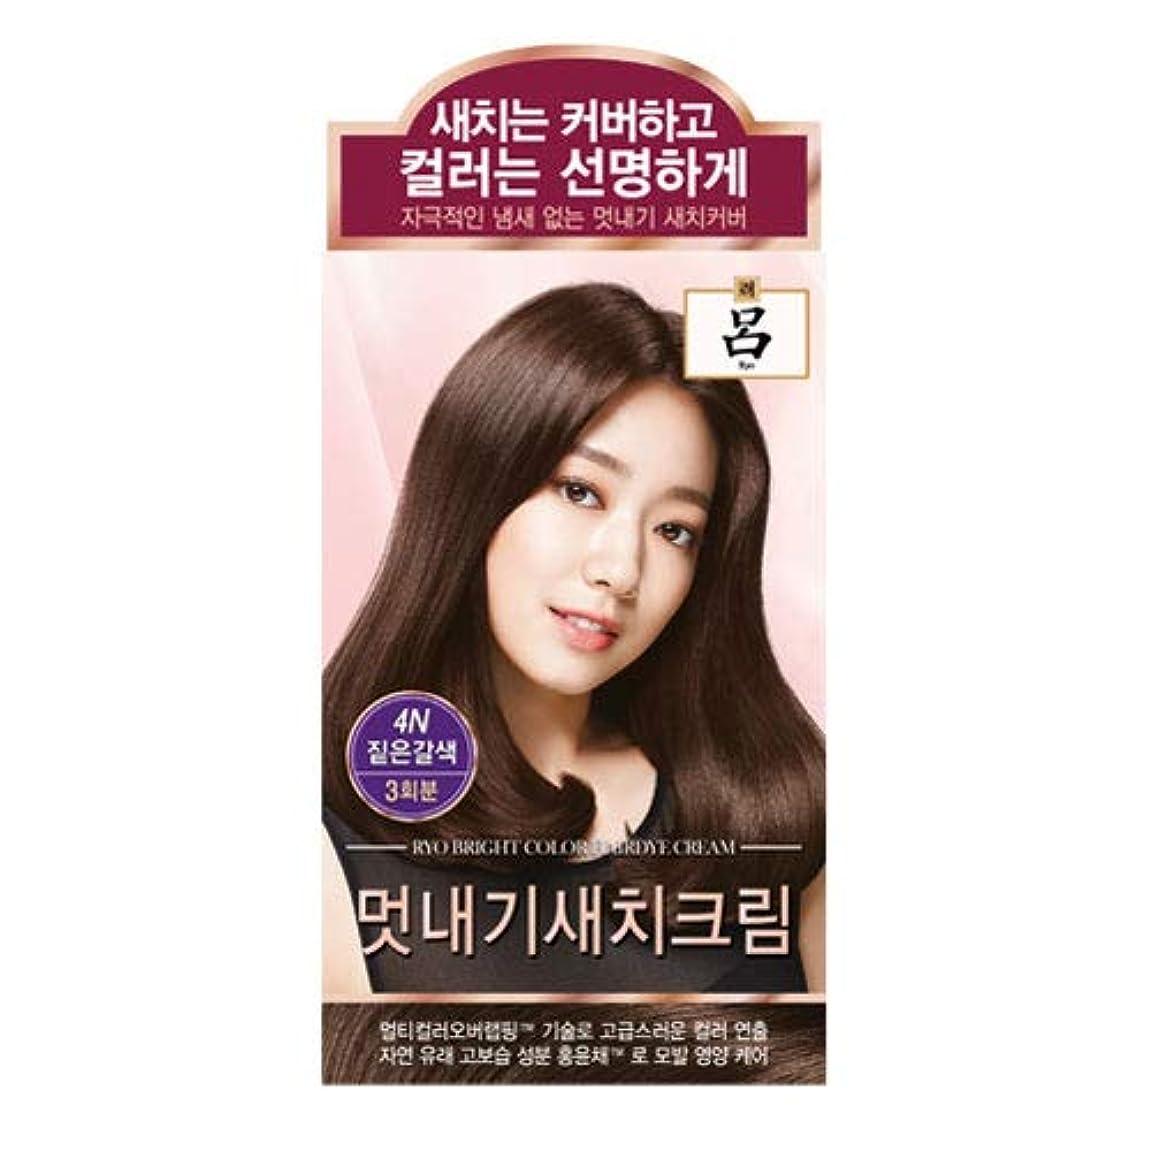 投げ捨てるペースかまどアモーレパシフィック呂[AMOREPACIFIC/Ryo] ブライトカラーヘアアイクリーム 4N ディープブラウン/Bright Color Hairdye Cream 4N Deep Brown